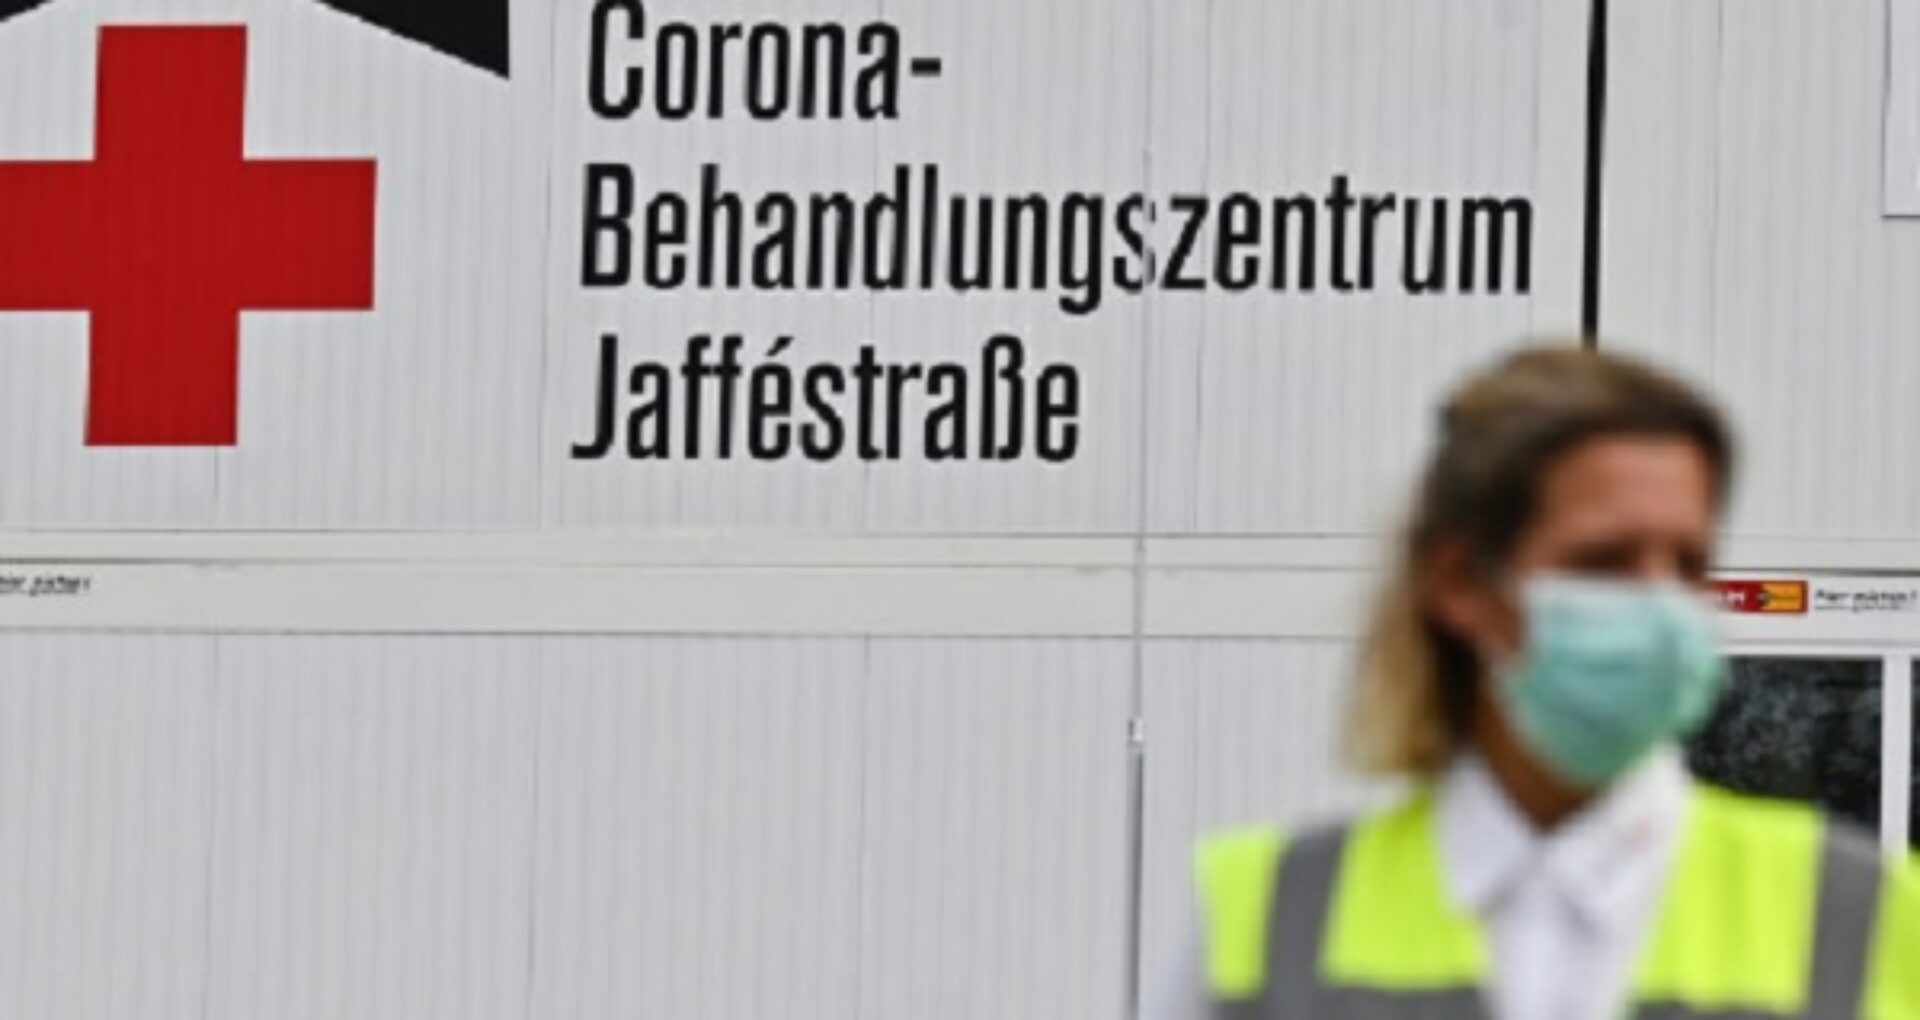 Germania înregistrează 6 638 de noi cazuri de COVID-19 în 24 de ore, o cifră record de la izbucnirea pandemiei